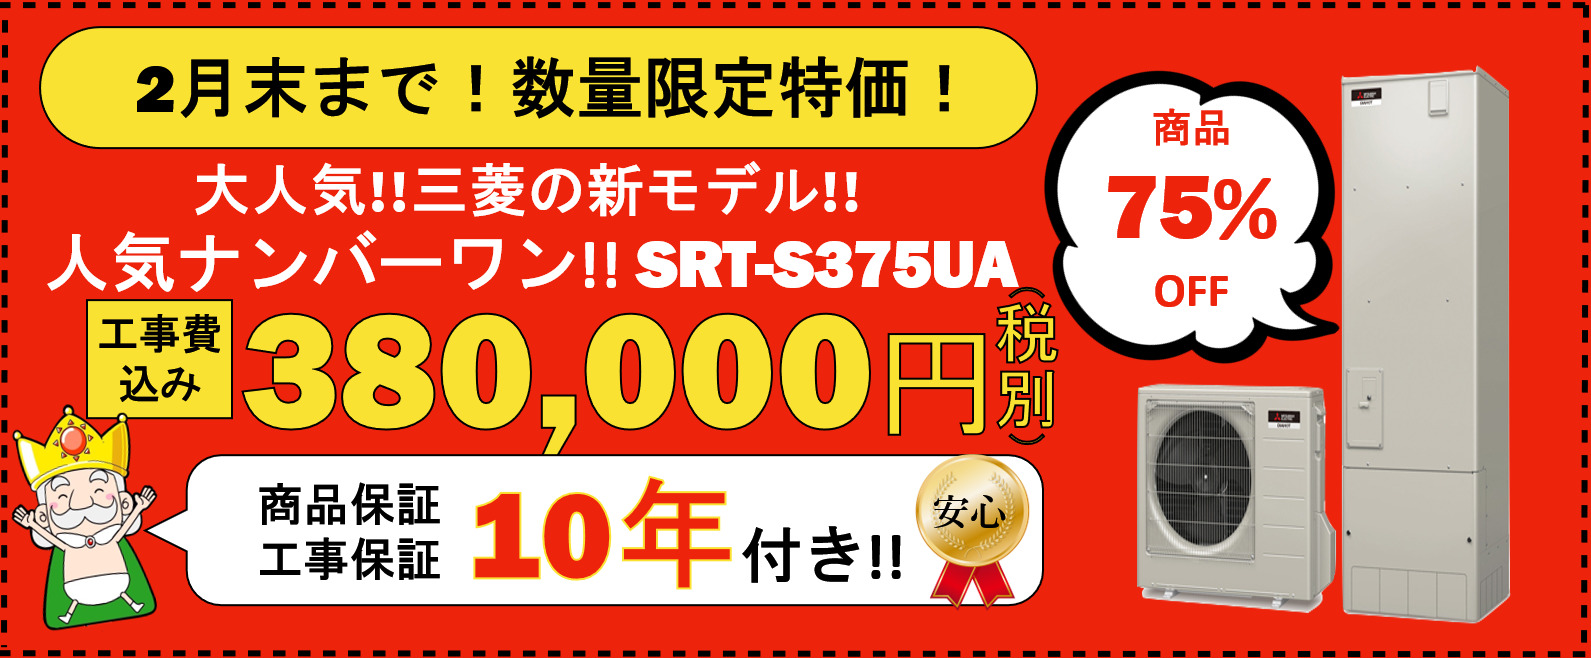 SRT-S375UA